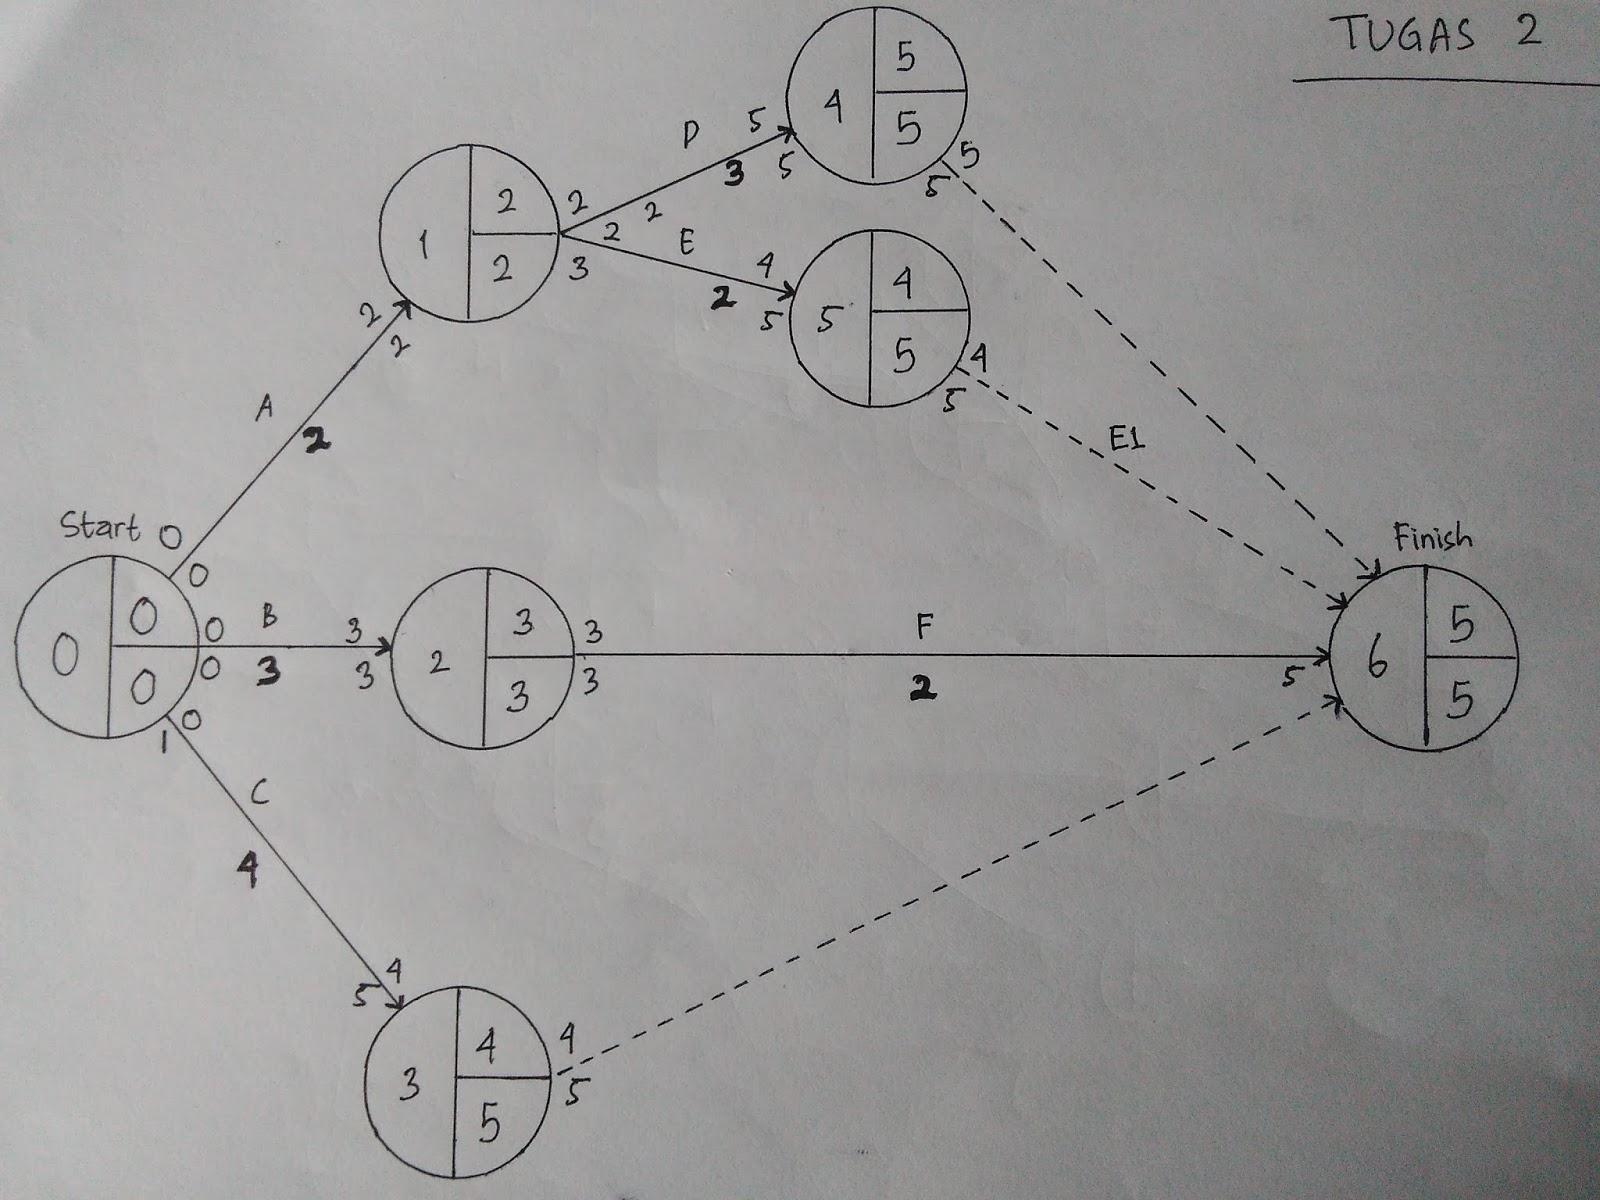 Studi kasus perhitungan jaringan kerja kakukoding akan membuat diagram jaringan kerjanya juga beberapa ketentuan pembuatan diagram jaringan kerja telah saya jelaskan diawal bila kita memahaminya ccuart Image collections